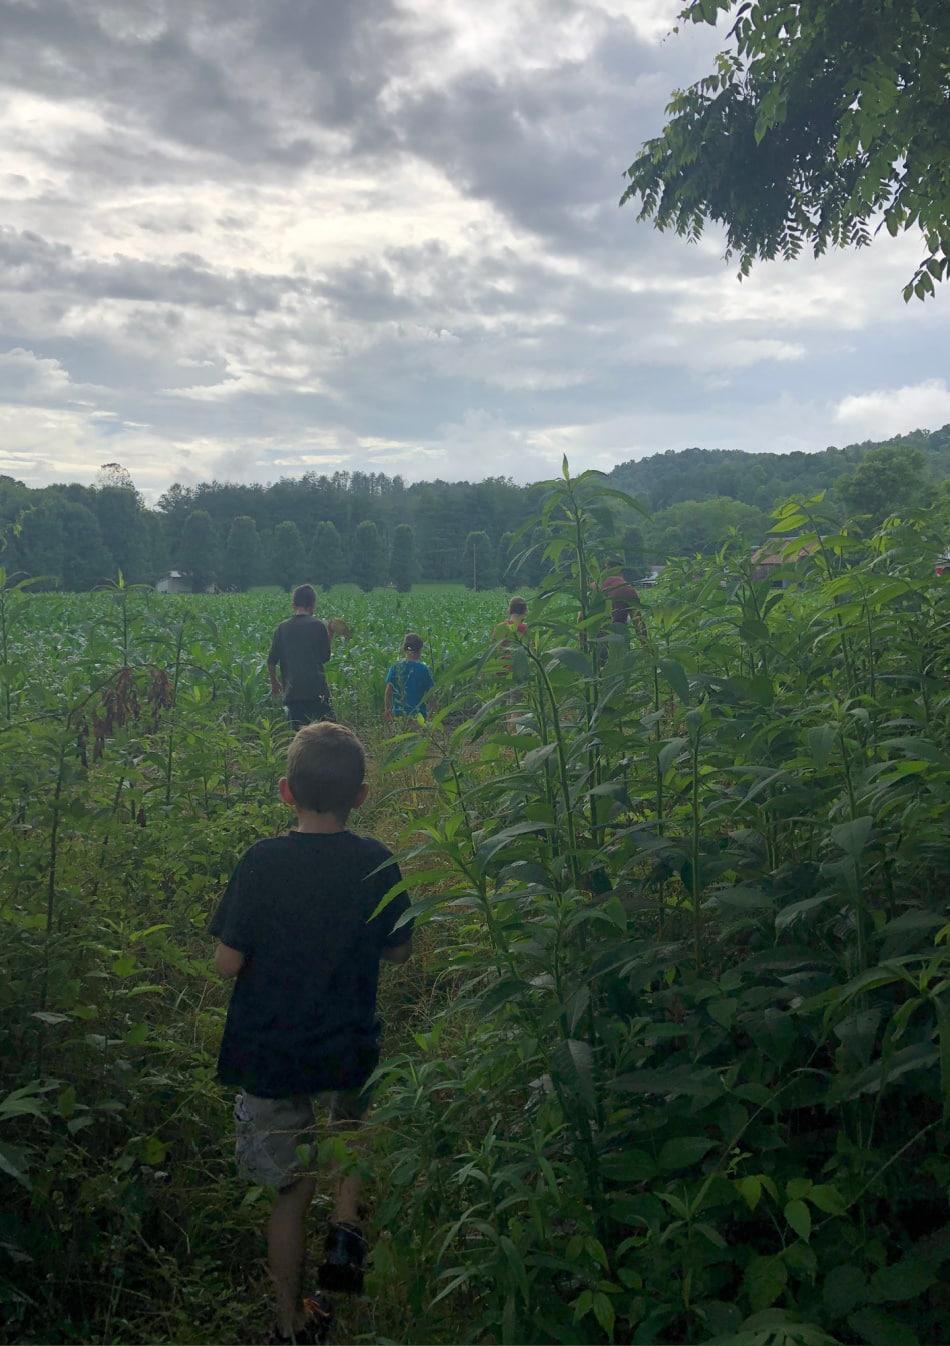 boys walking through a field